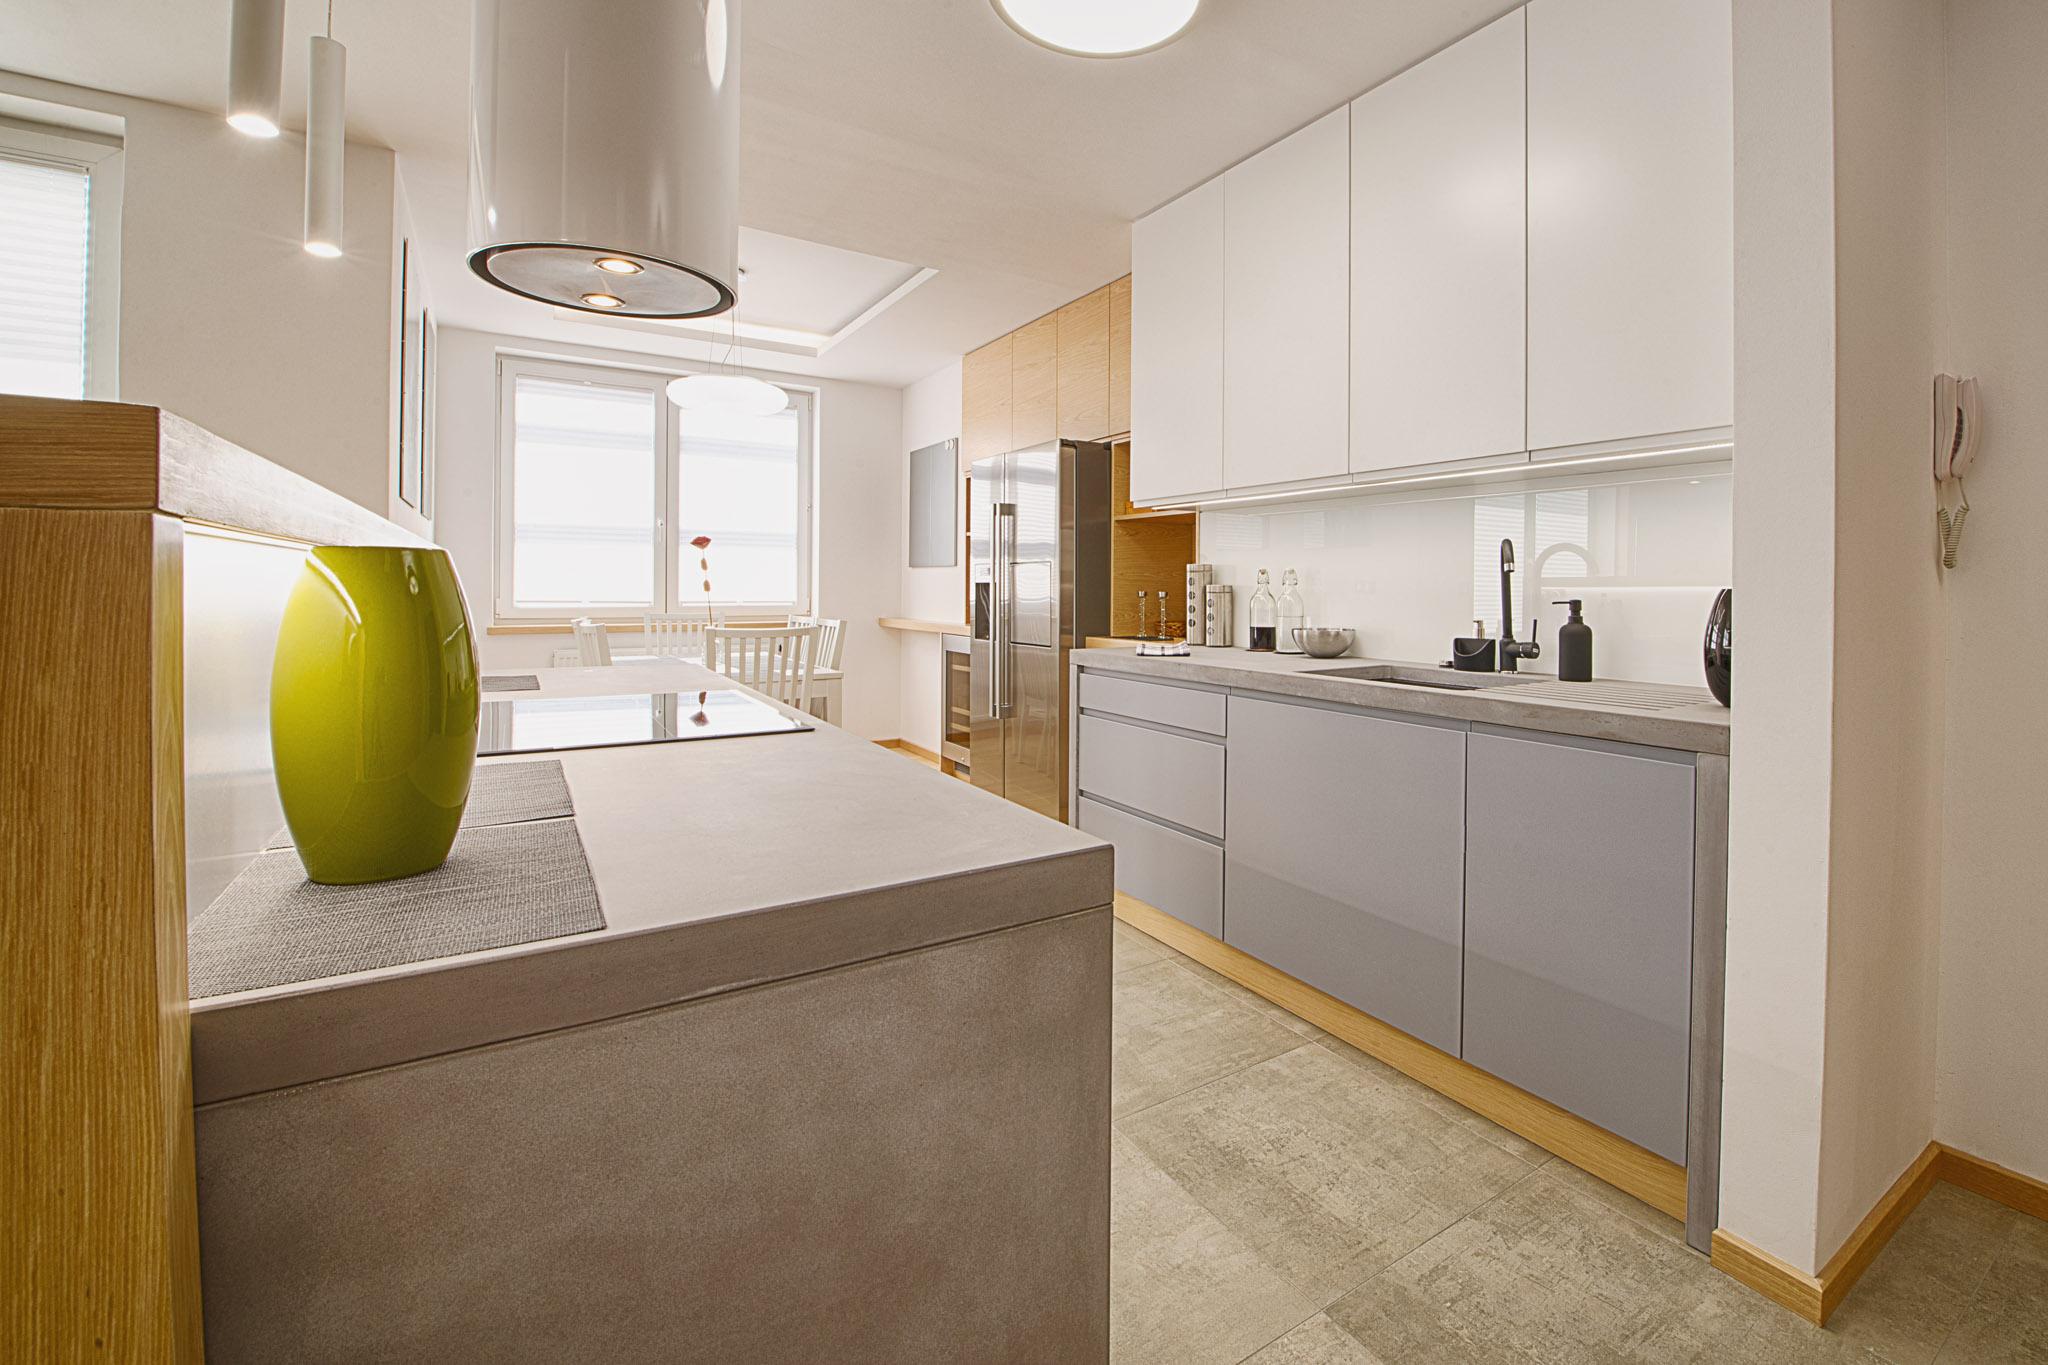 W kuchni zastosowaliśmy surowe materiały: beton, gres i lakierowane fronty, które kontrastują z ciepłymi, drewnianymi listwami przypodłogowymi i cokołami.